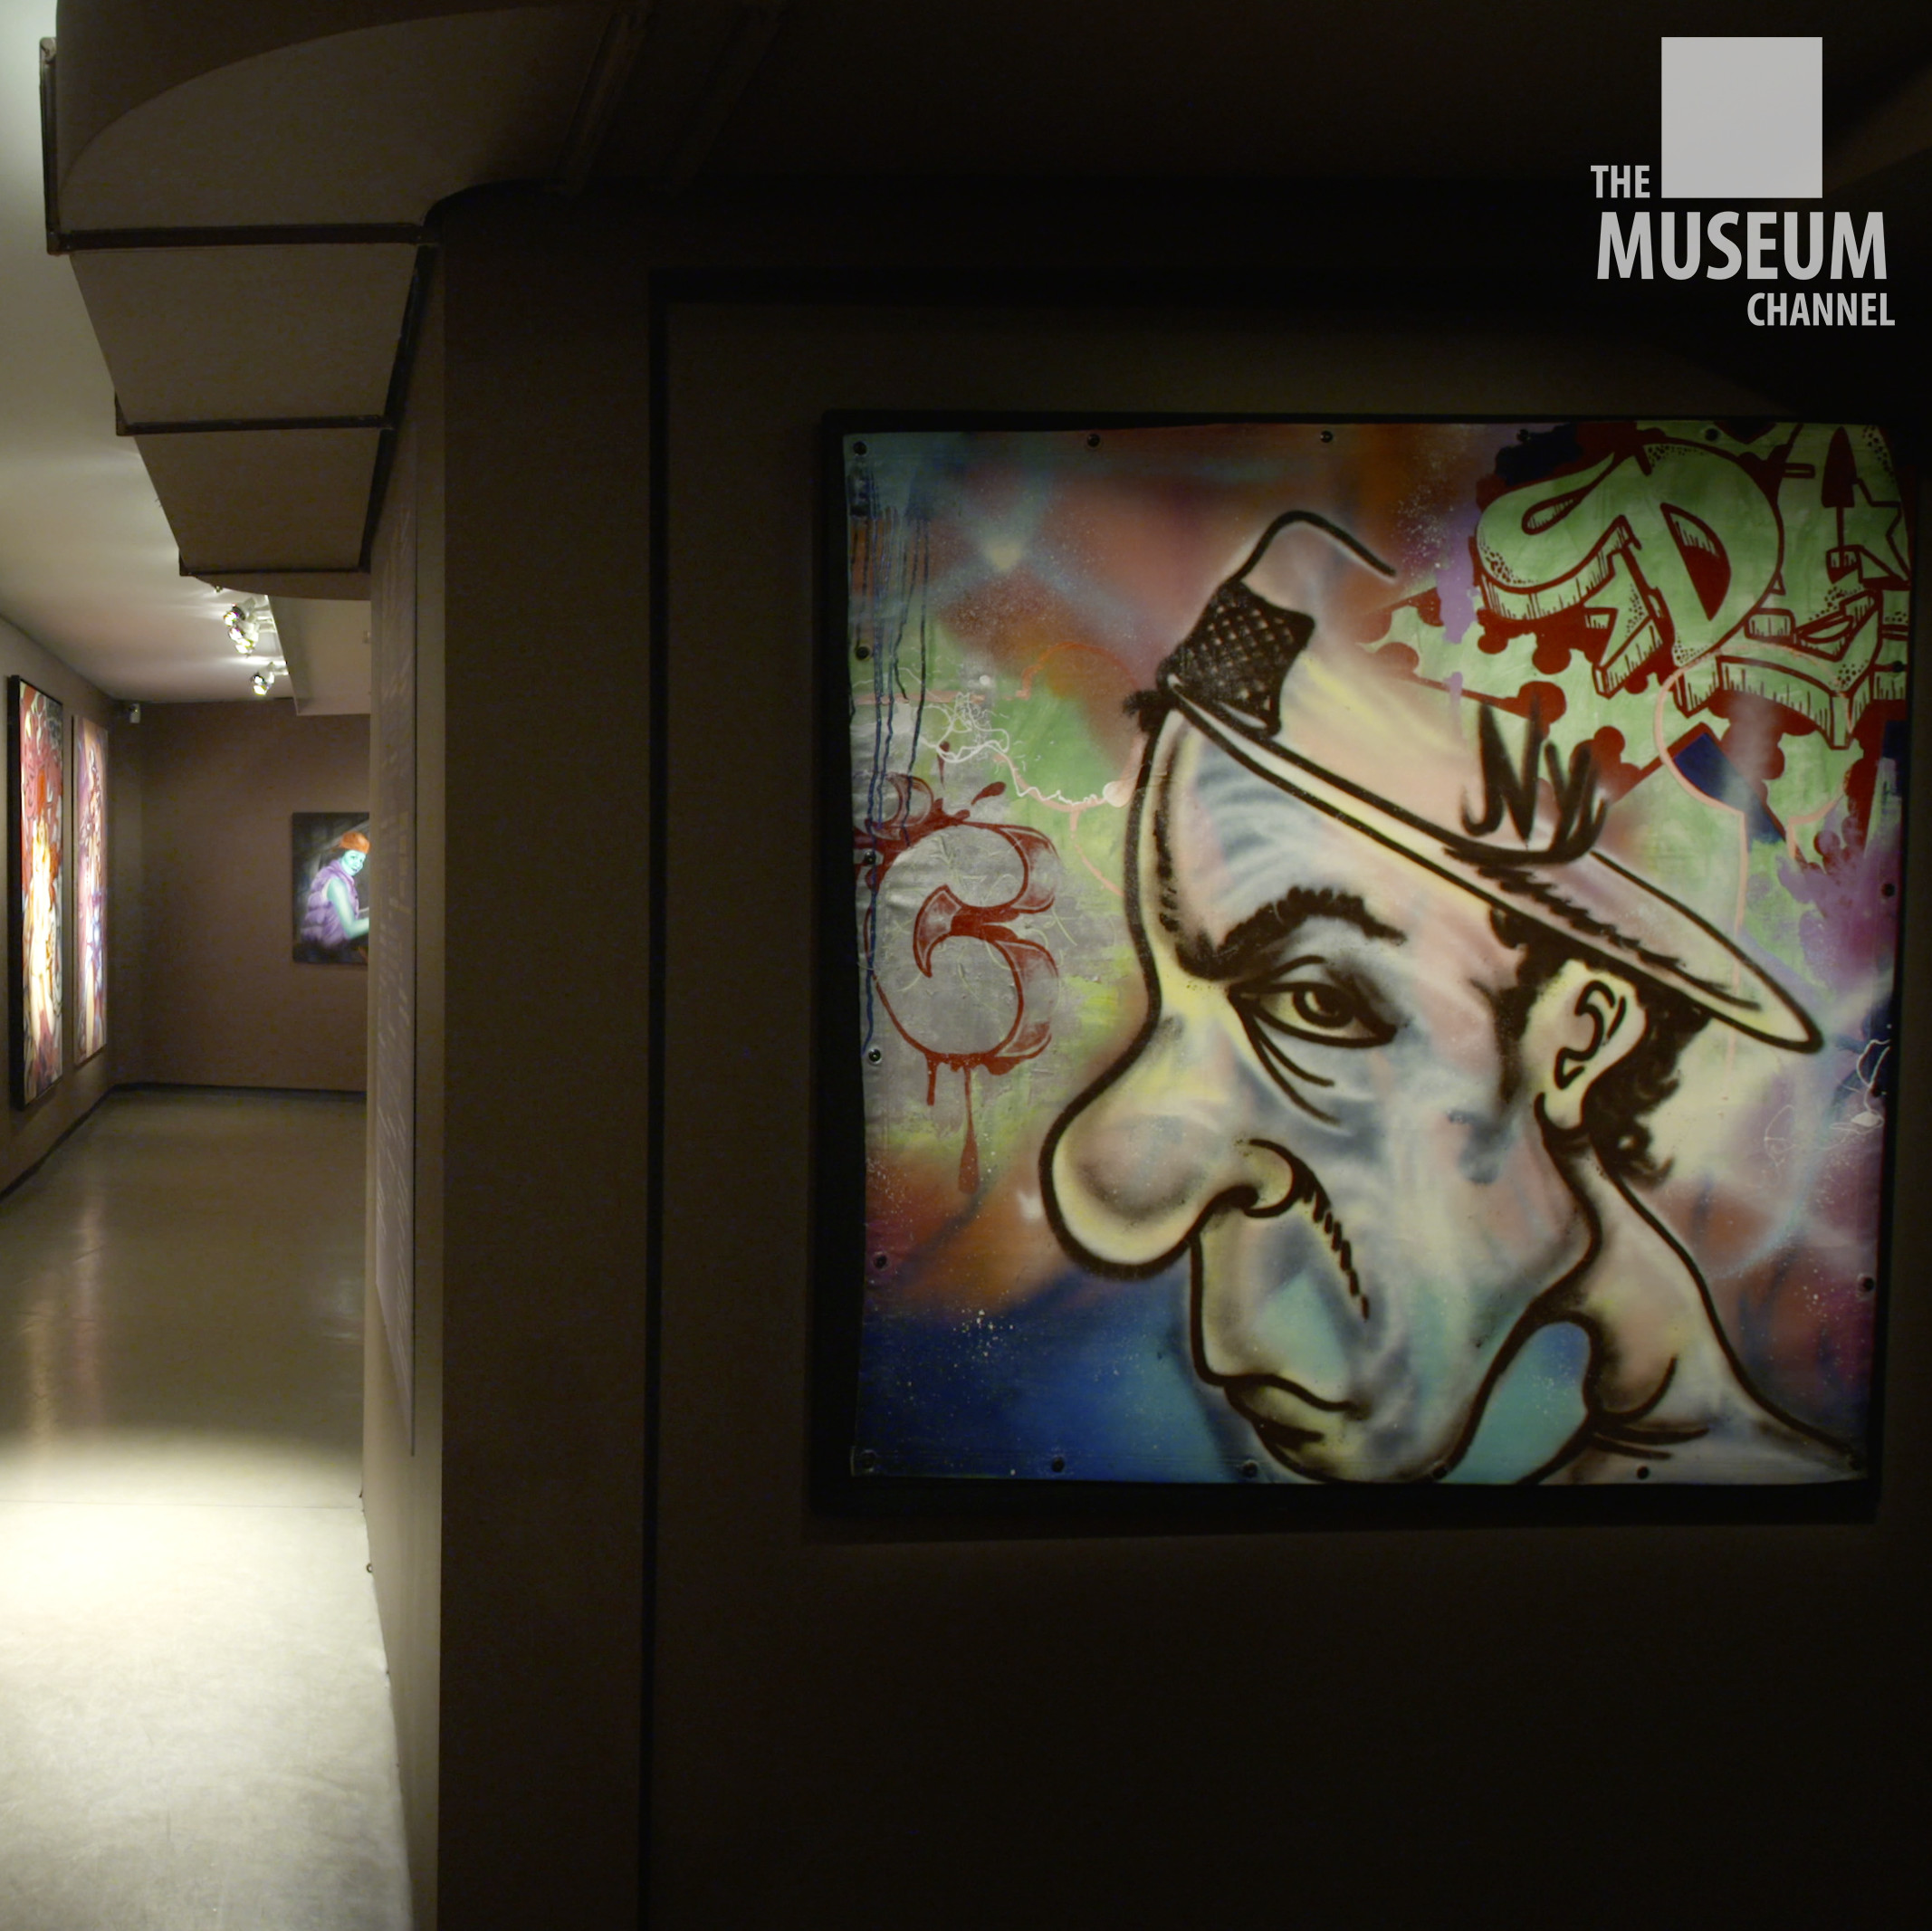 The Museum Channel, une chaîne TV dédiée à l'Art et aux Musées 0p